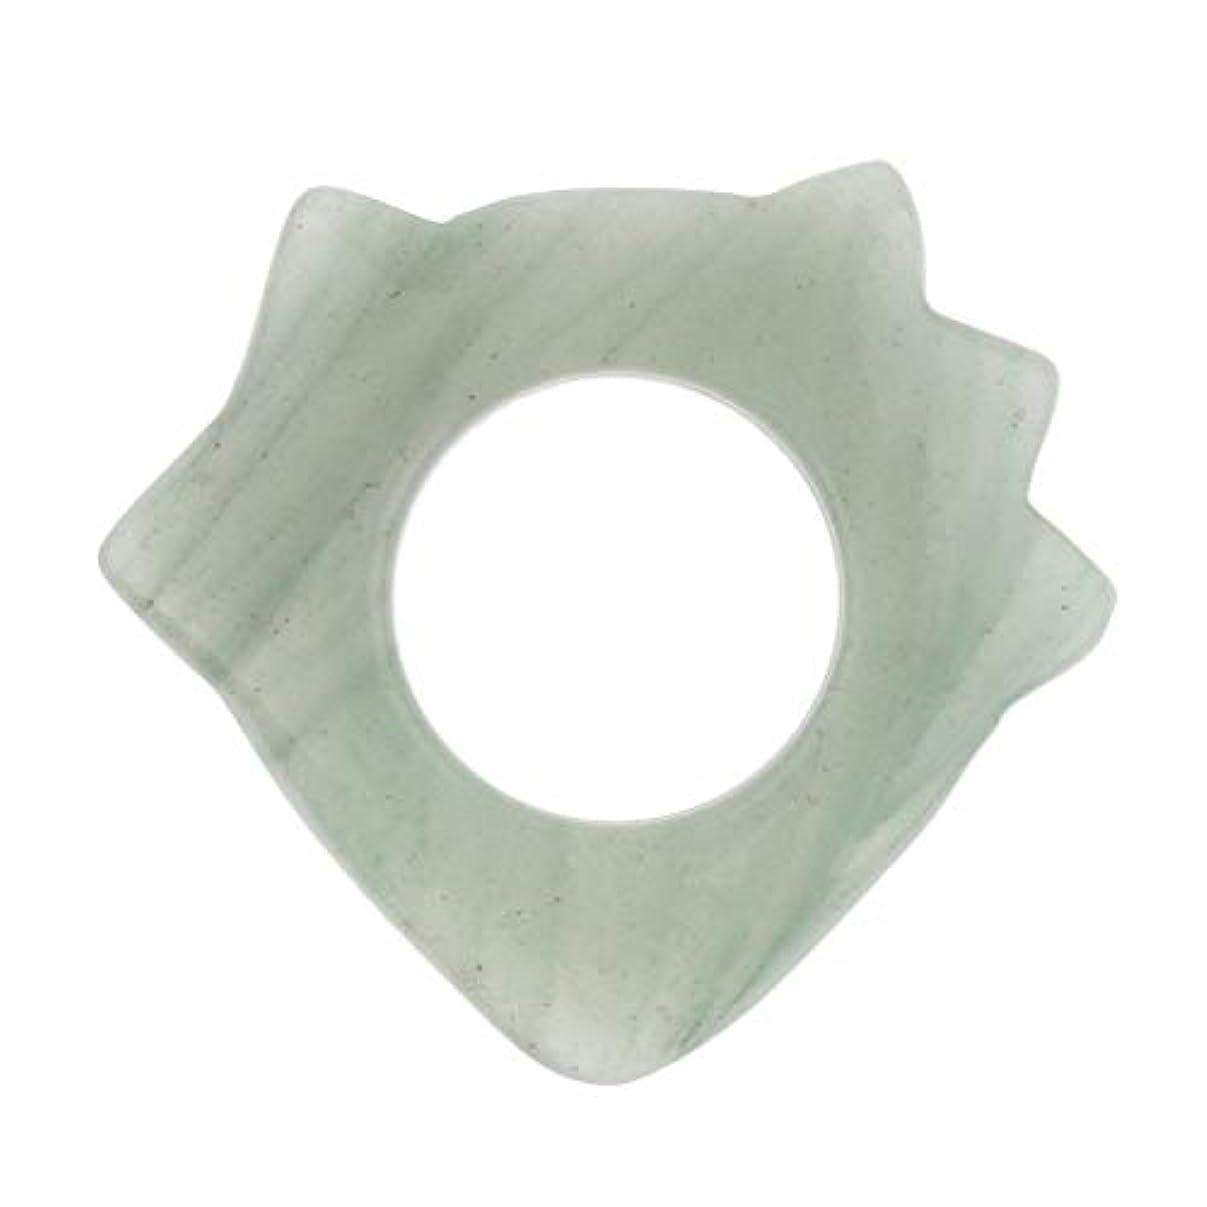 契約した考慮漏れPerfeclan かっさプレート マッサージ 美顔 天然翡翠 高品質 ポータブル ギフト 健康用品 疲労緩解 5種選ぶ - 1